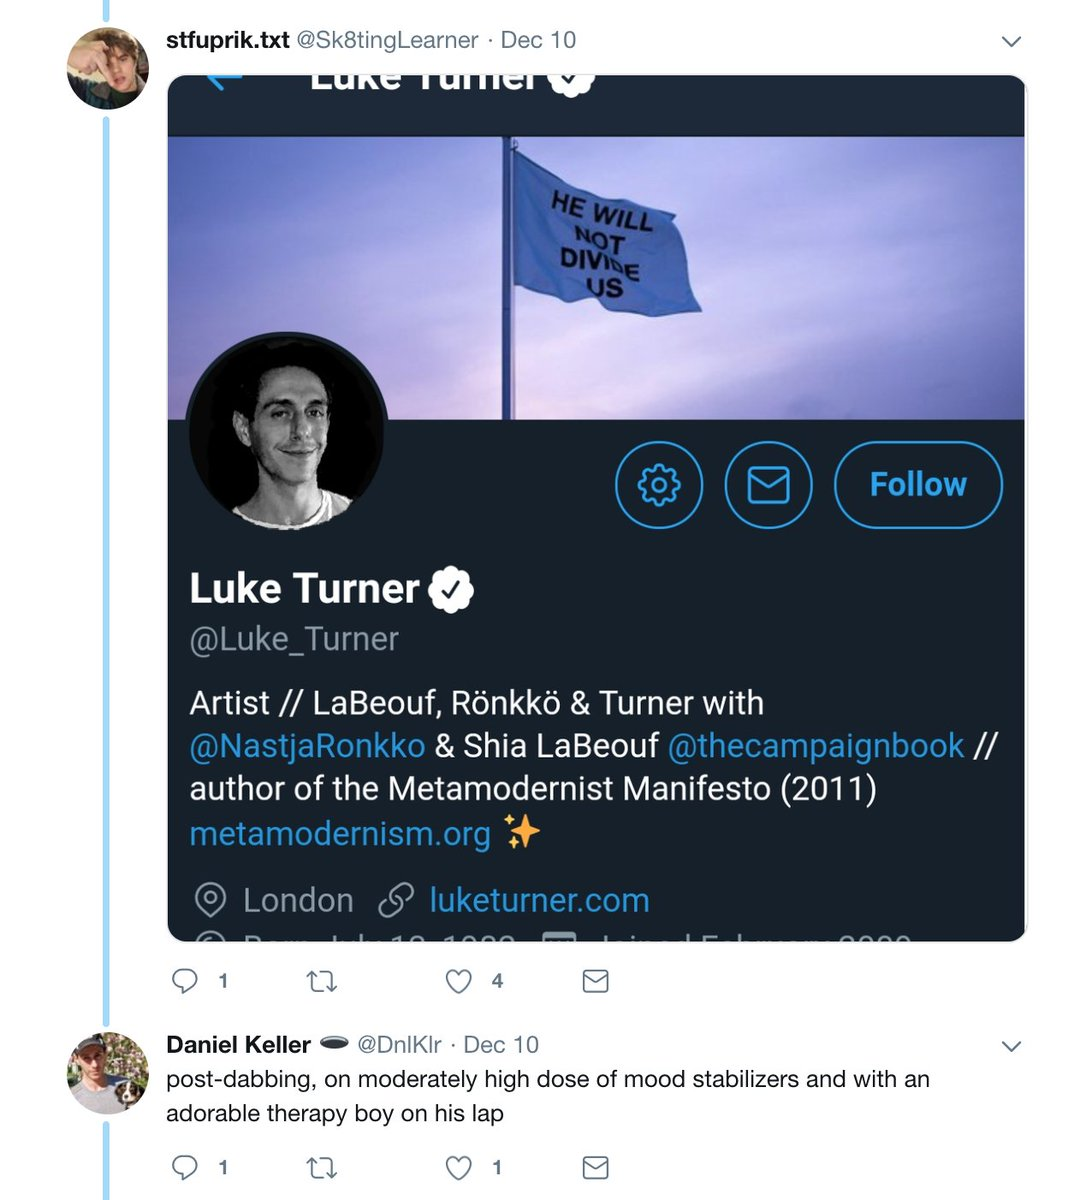 Luke Turner on Twitter: